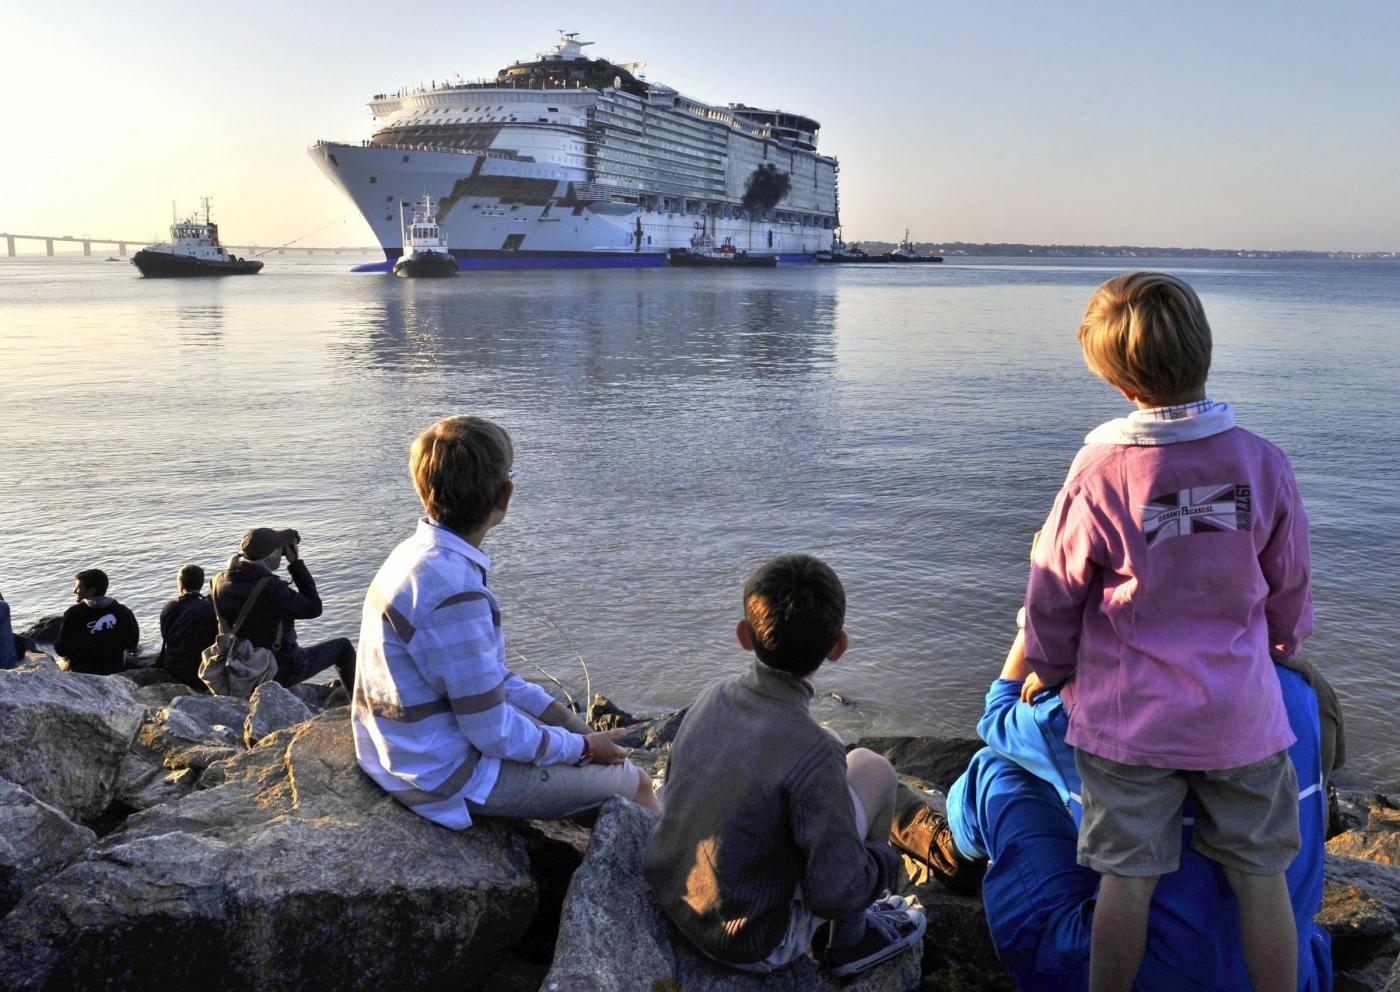 L'Harmony of the seas,la nave da crociera piu' grande del mondo lascia il cantiere di Saint Nazaire.